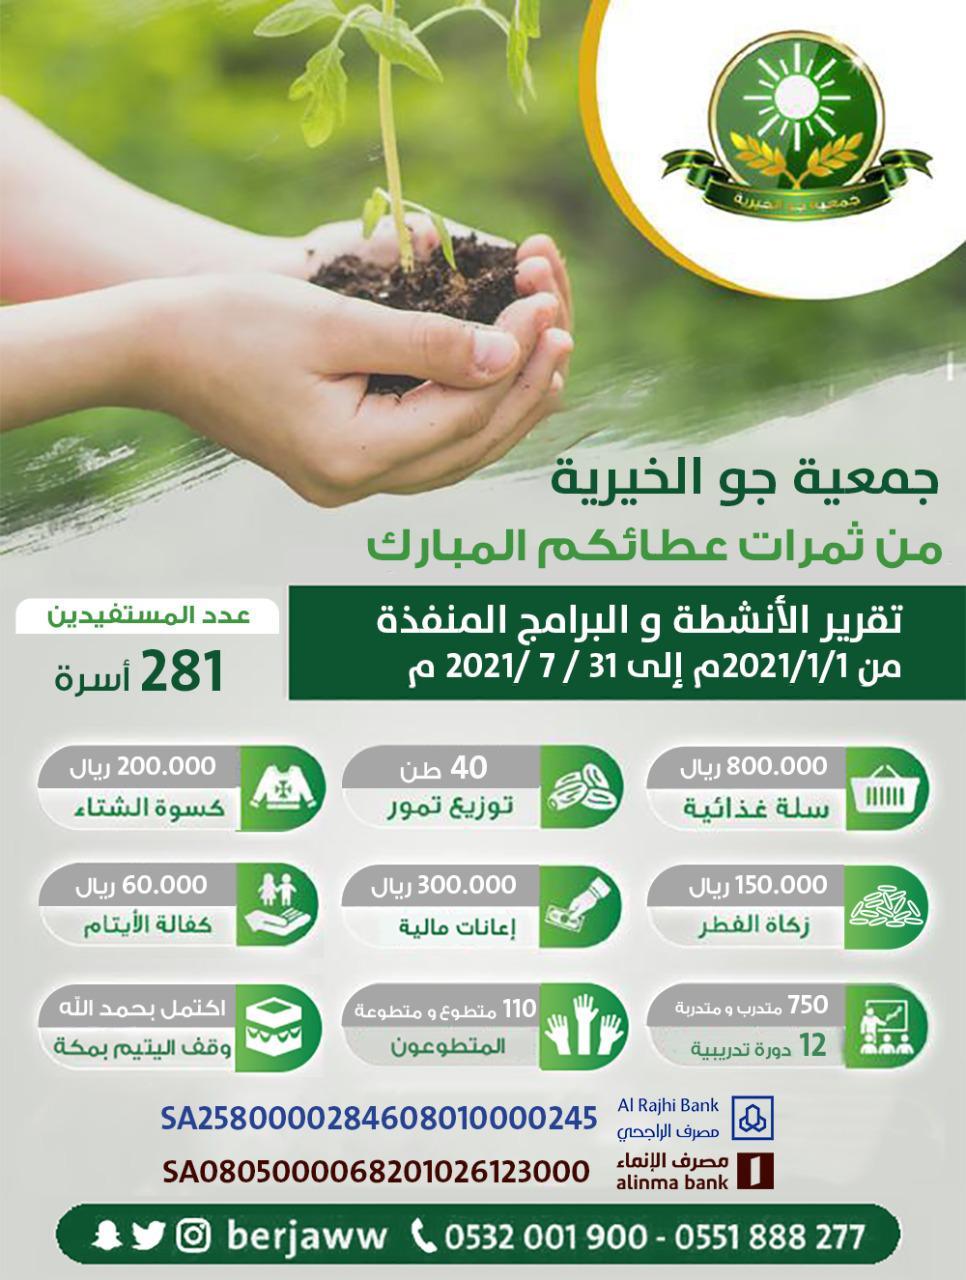 تقرير الأنشطة والبرامج .. التي نفذتها جمعية جو الخيرية